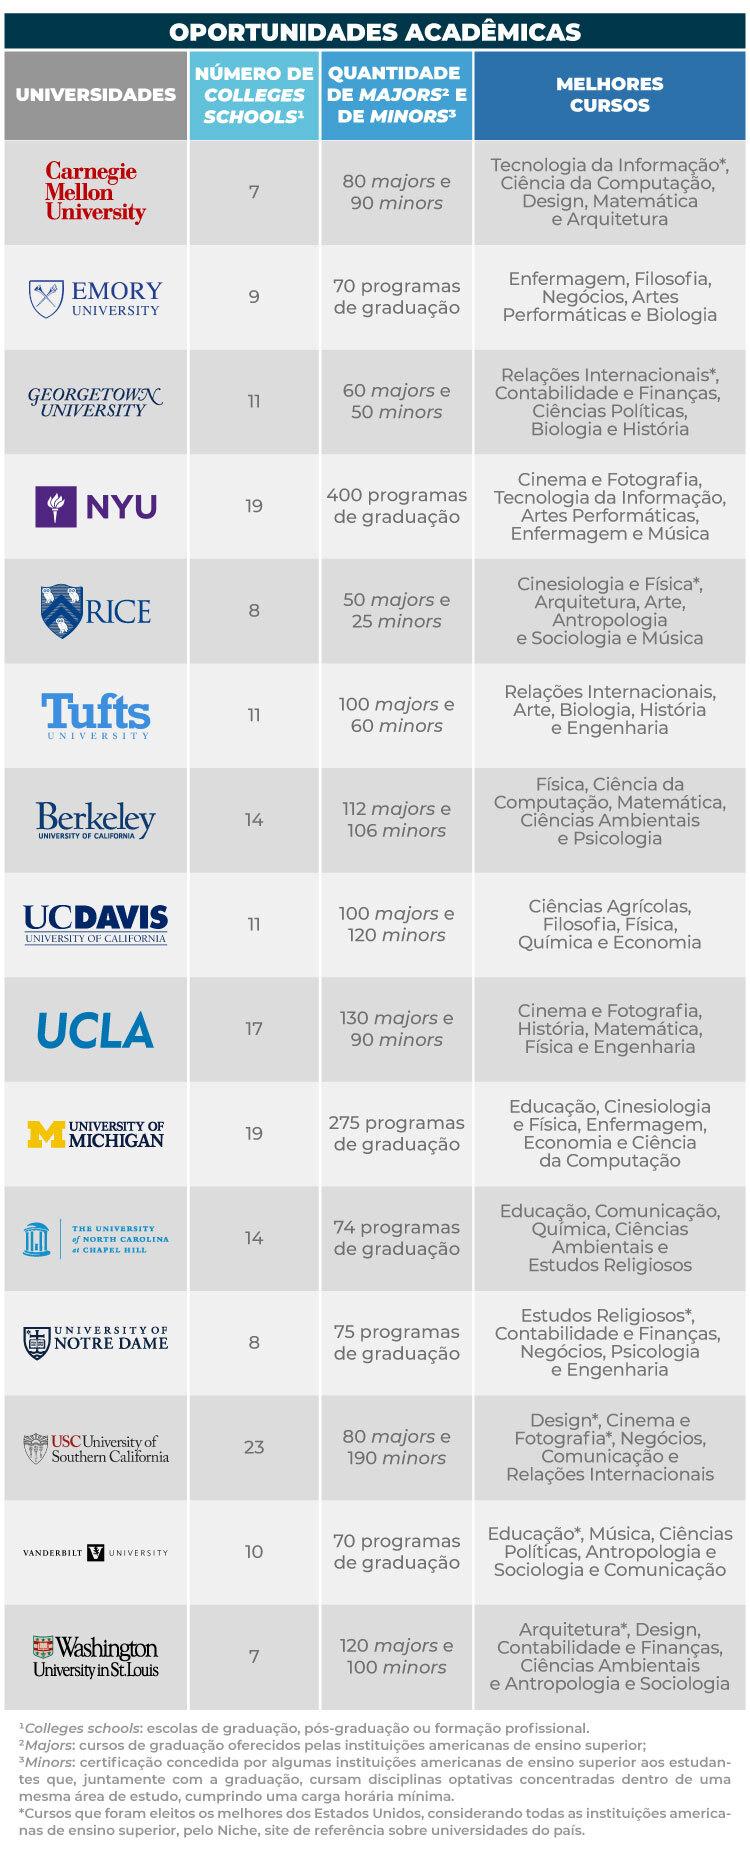 Oportunidades acadêmicas em universidades americanas